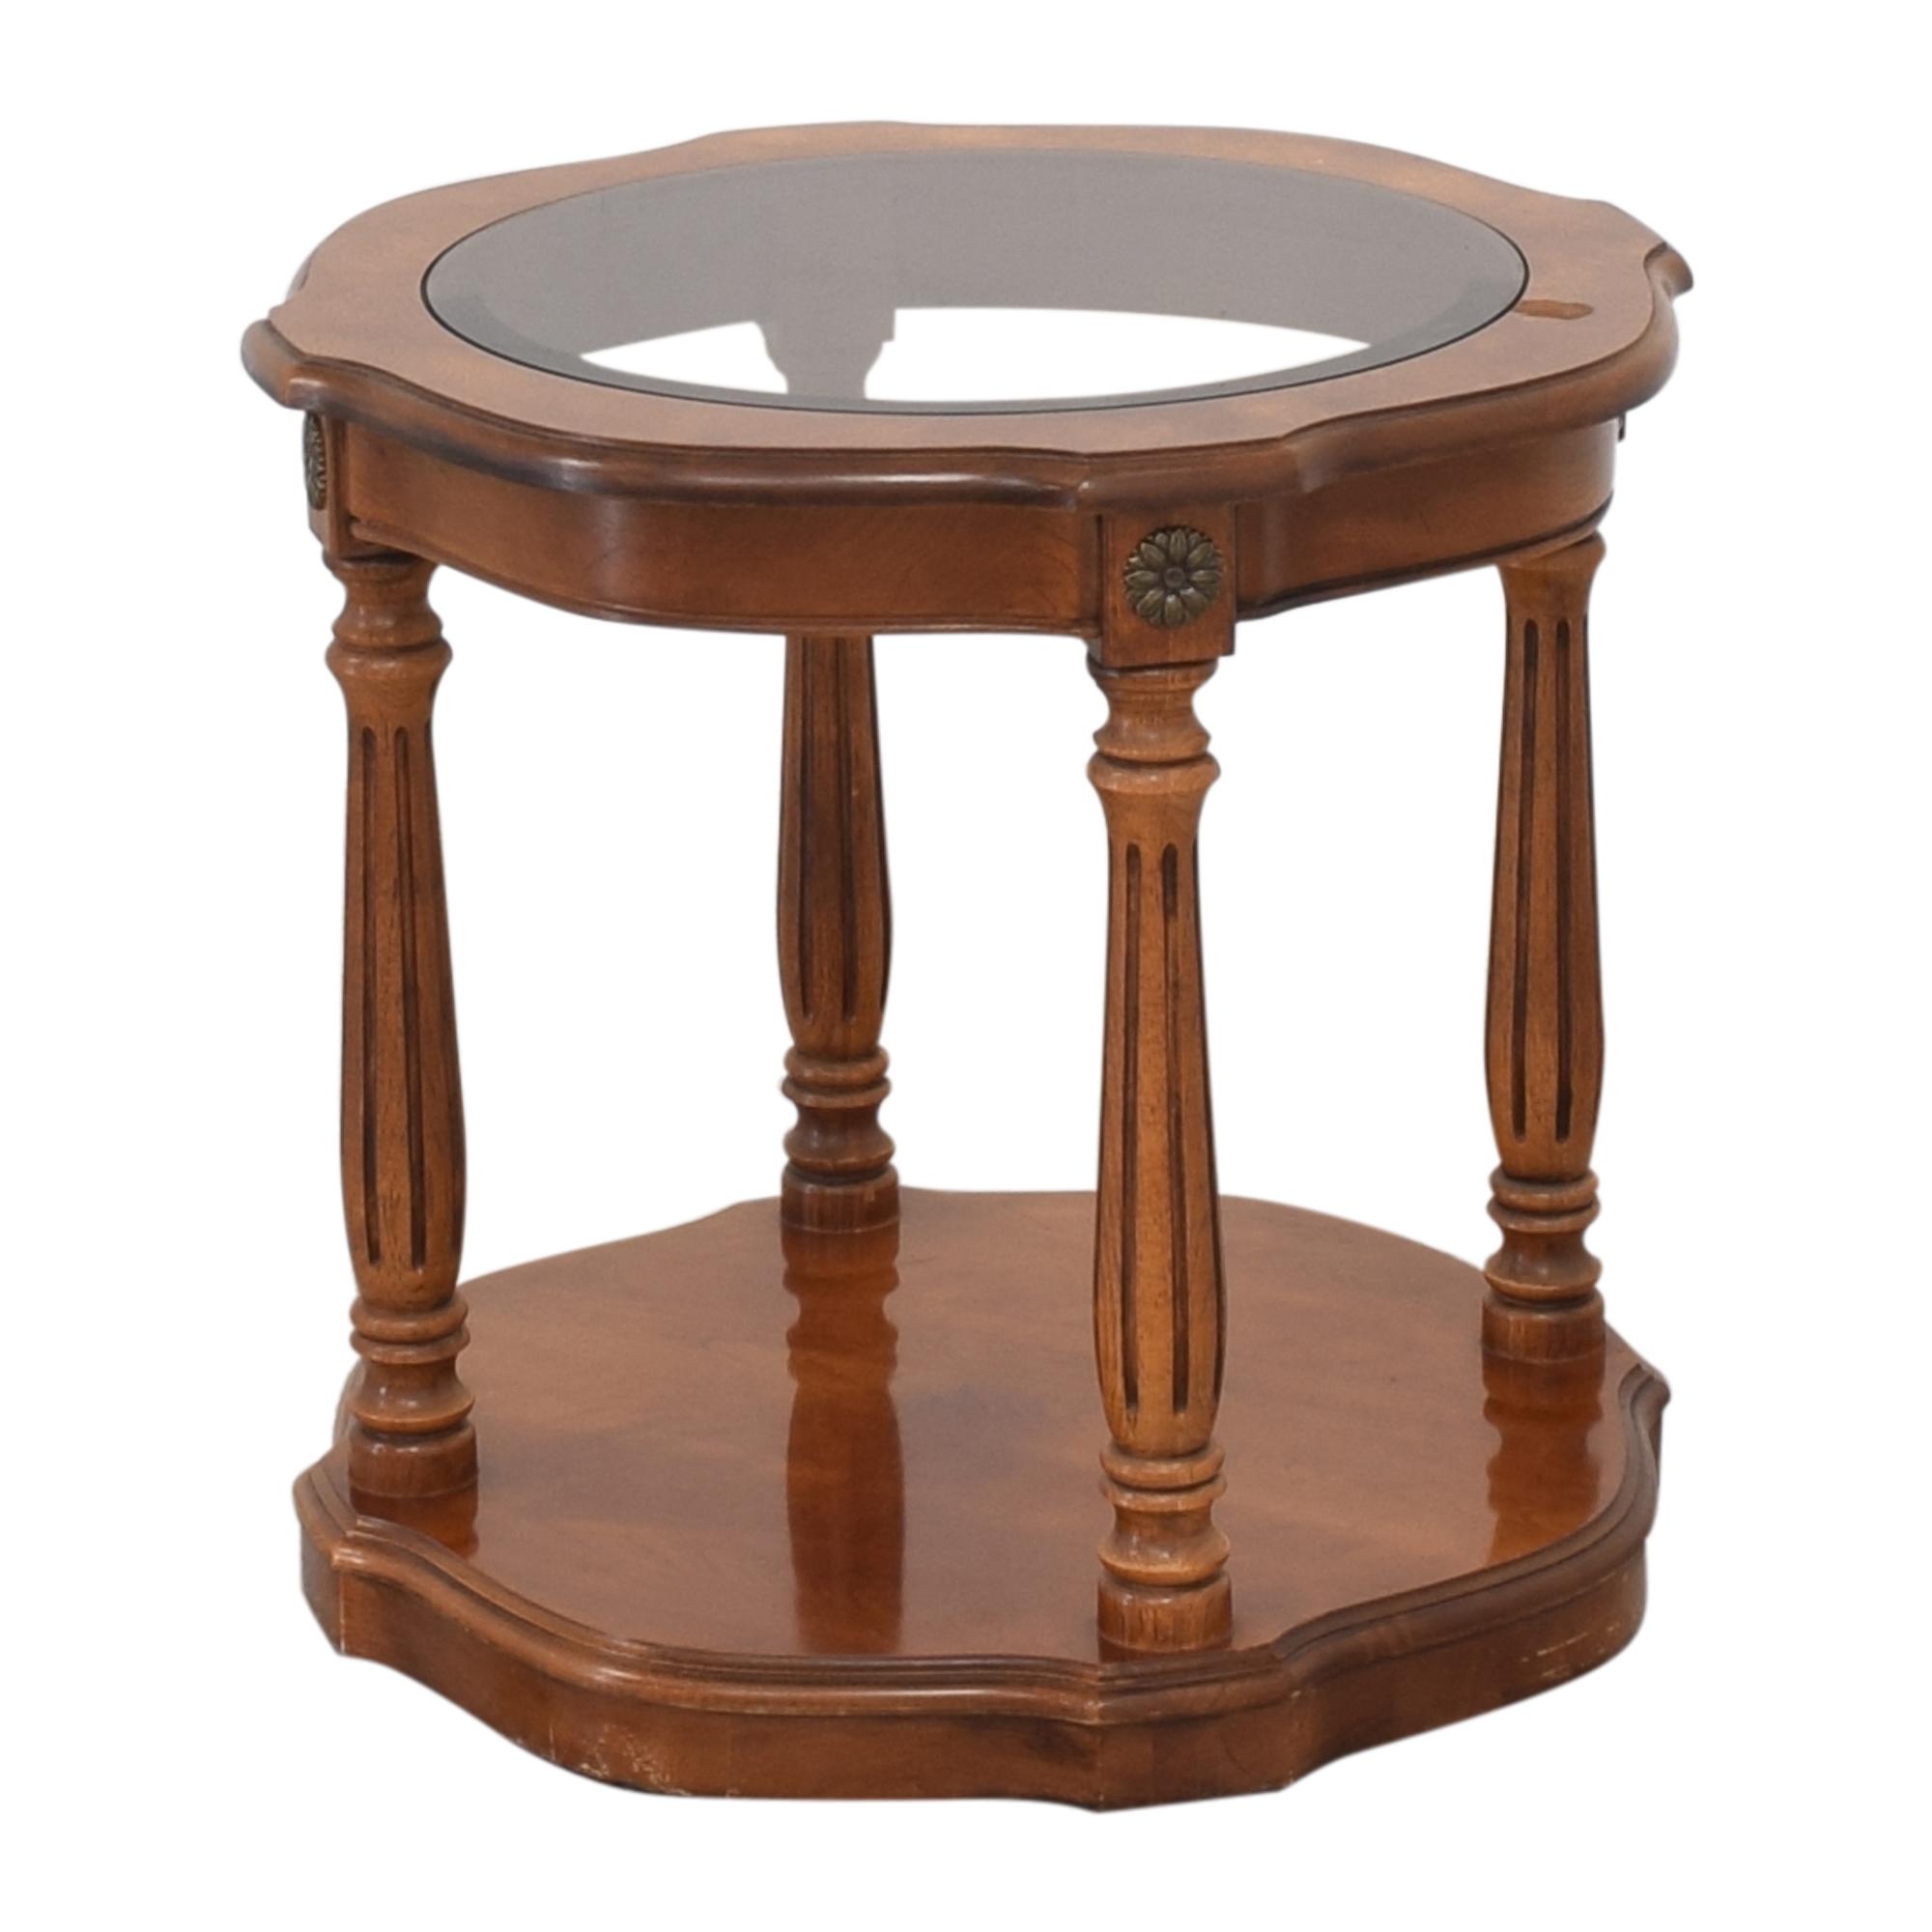 Thomasville Thomasville Lamp Table nyc